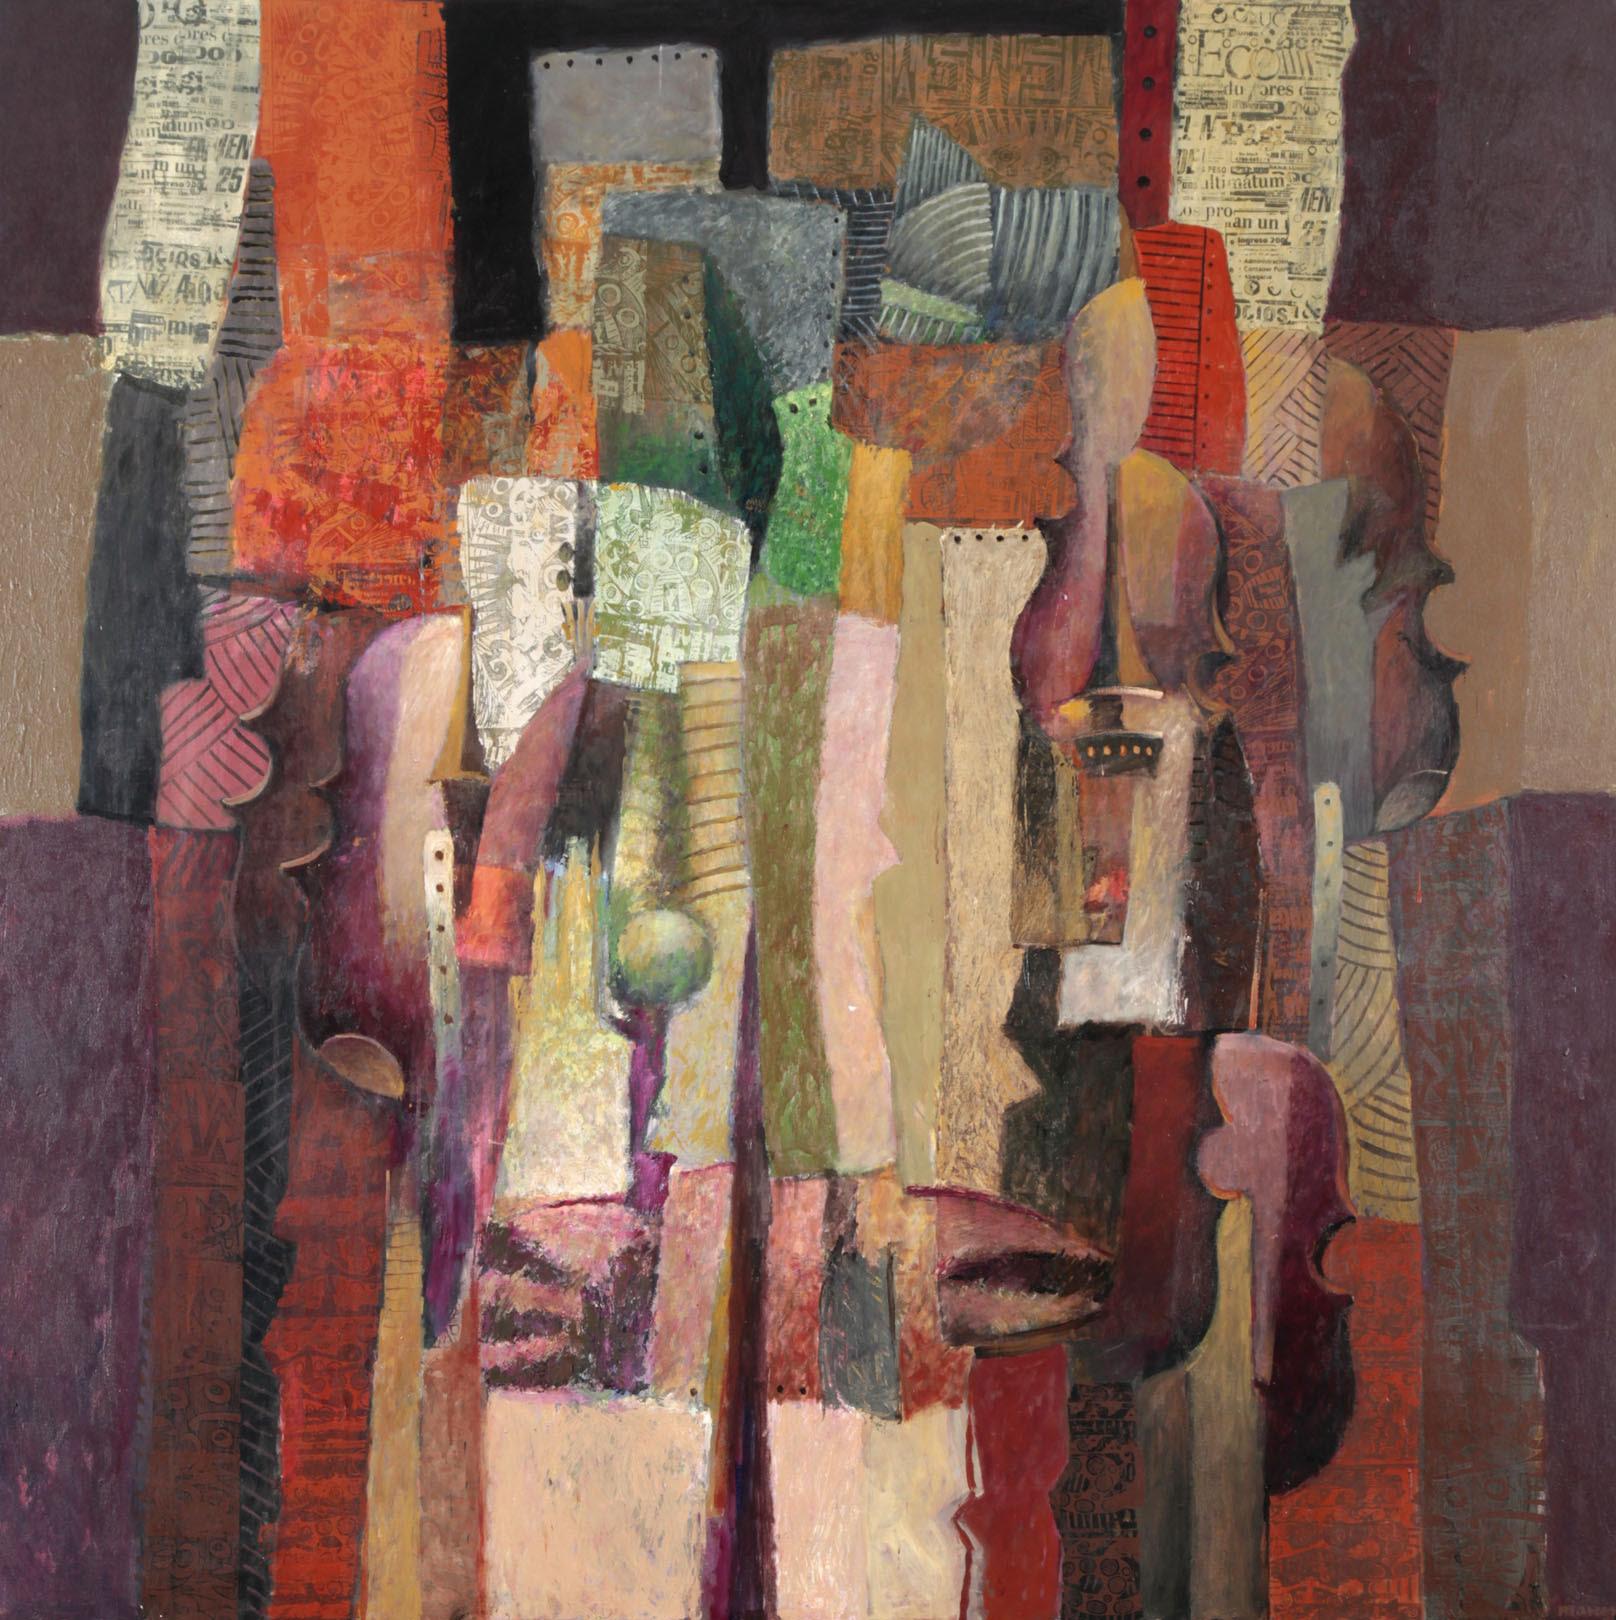 Los invitamos el martes 4 de Octubre a una charla junto al artista Jesús Marcos (1939), en donde recorreremos su fabulosa exposición, de 19 a 21 hs.